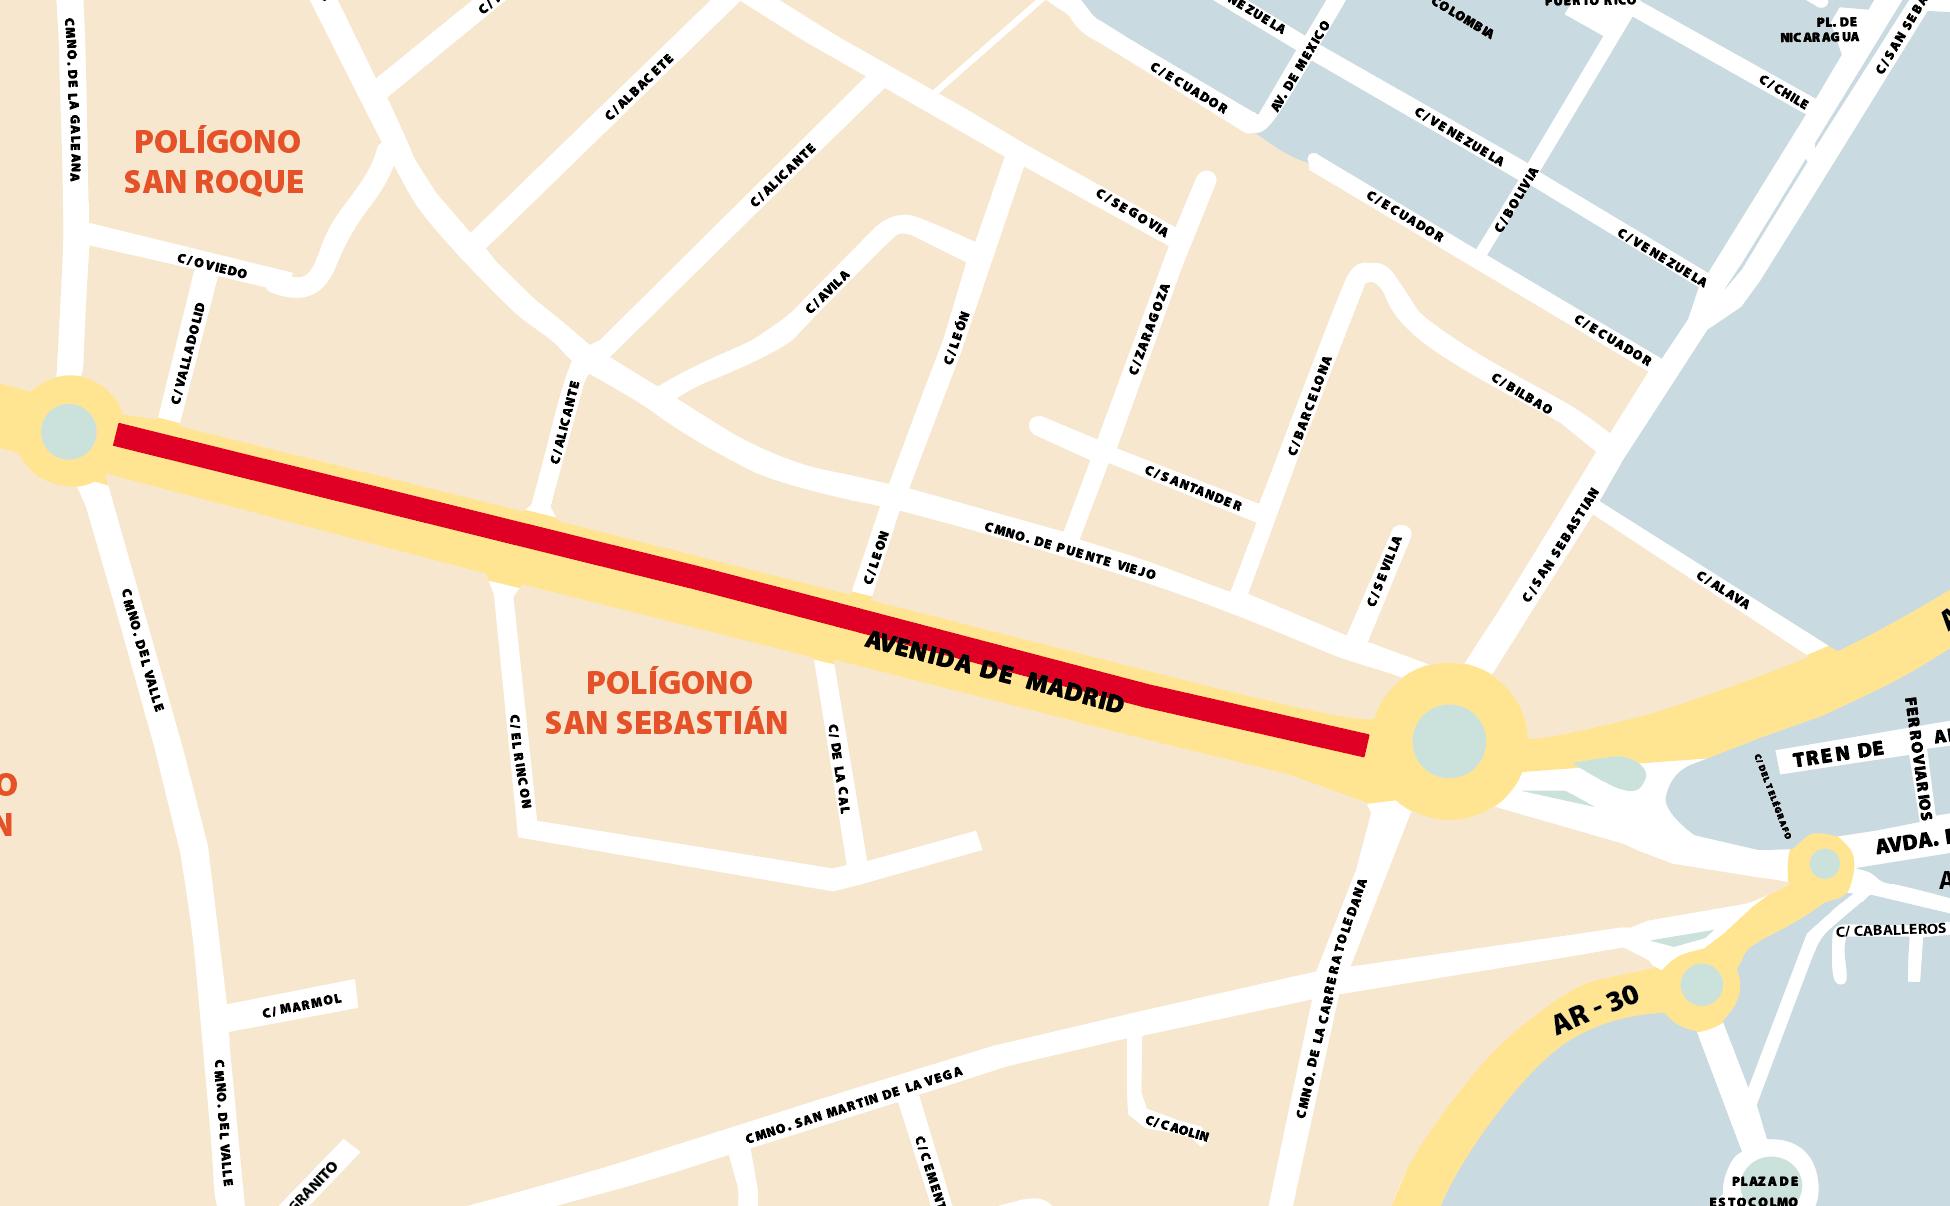 Del lunes 14 al jueves 18 de junio habrá cortes de tráfico en la Avenida de Madrid y el Camino de los Canes debido [...]